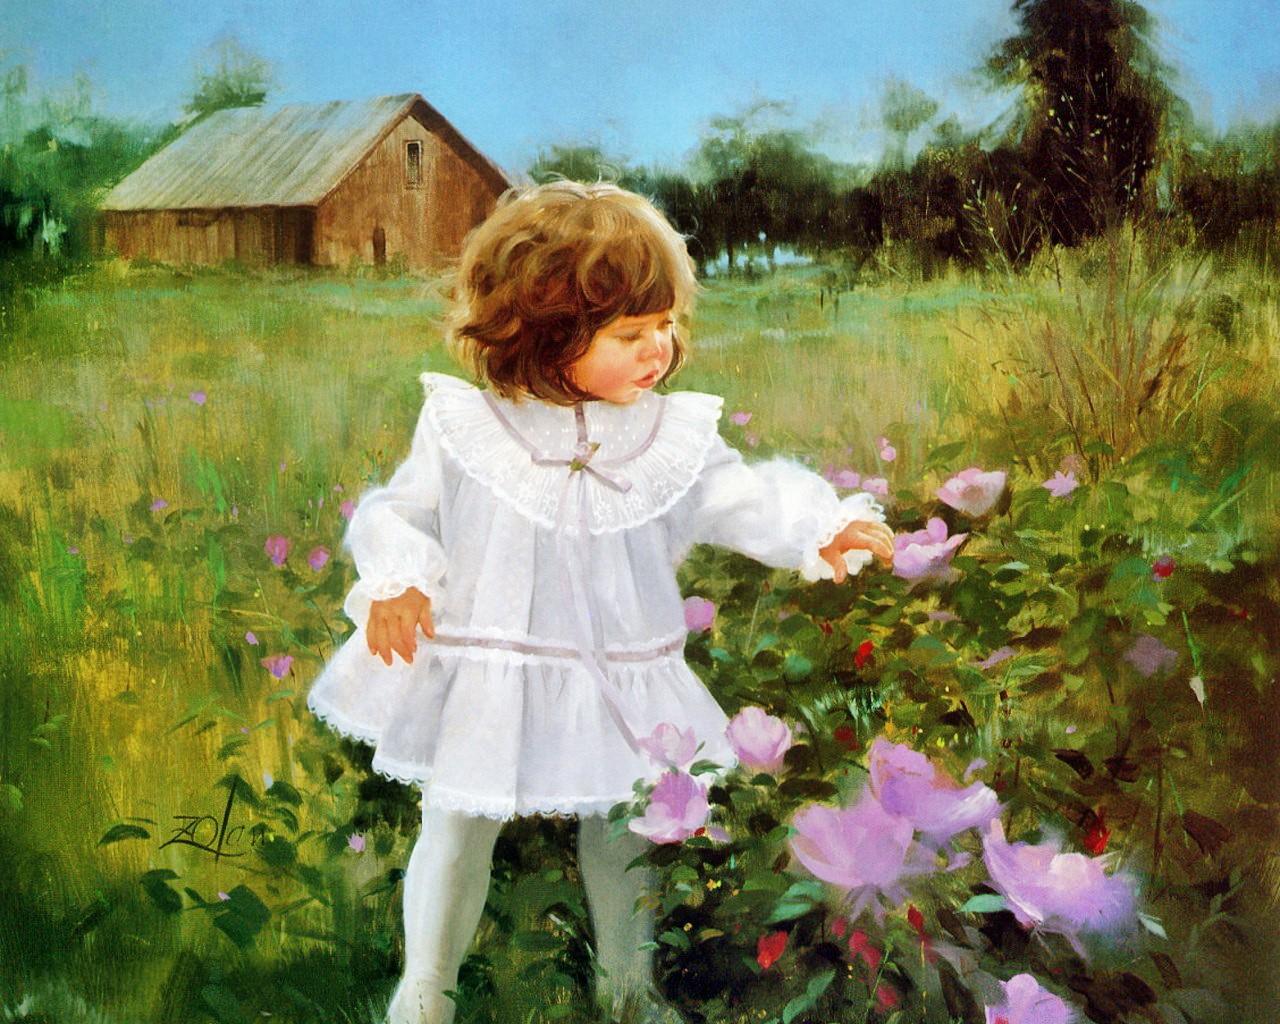 壁纸1280×1024令人怀念的美好童年油画壁纸 壁纸30壁纸 令人怀念的美好童年油壁纸图片绘画壁纸绘画图片素材桌面壁纸